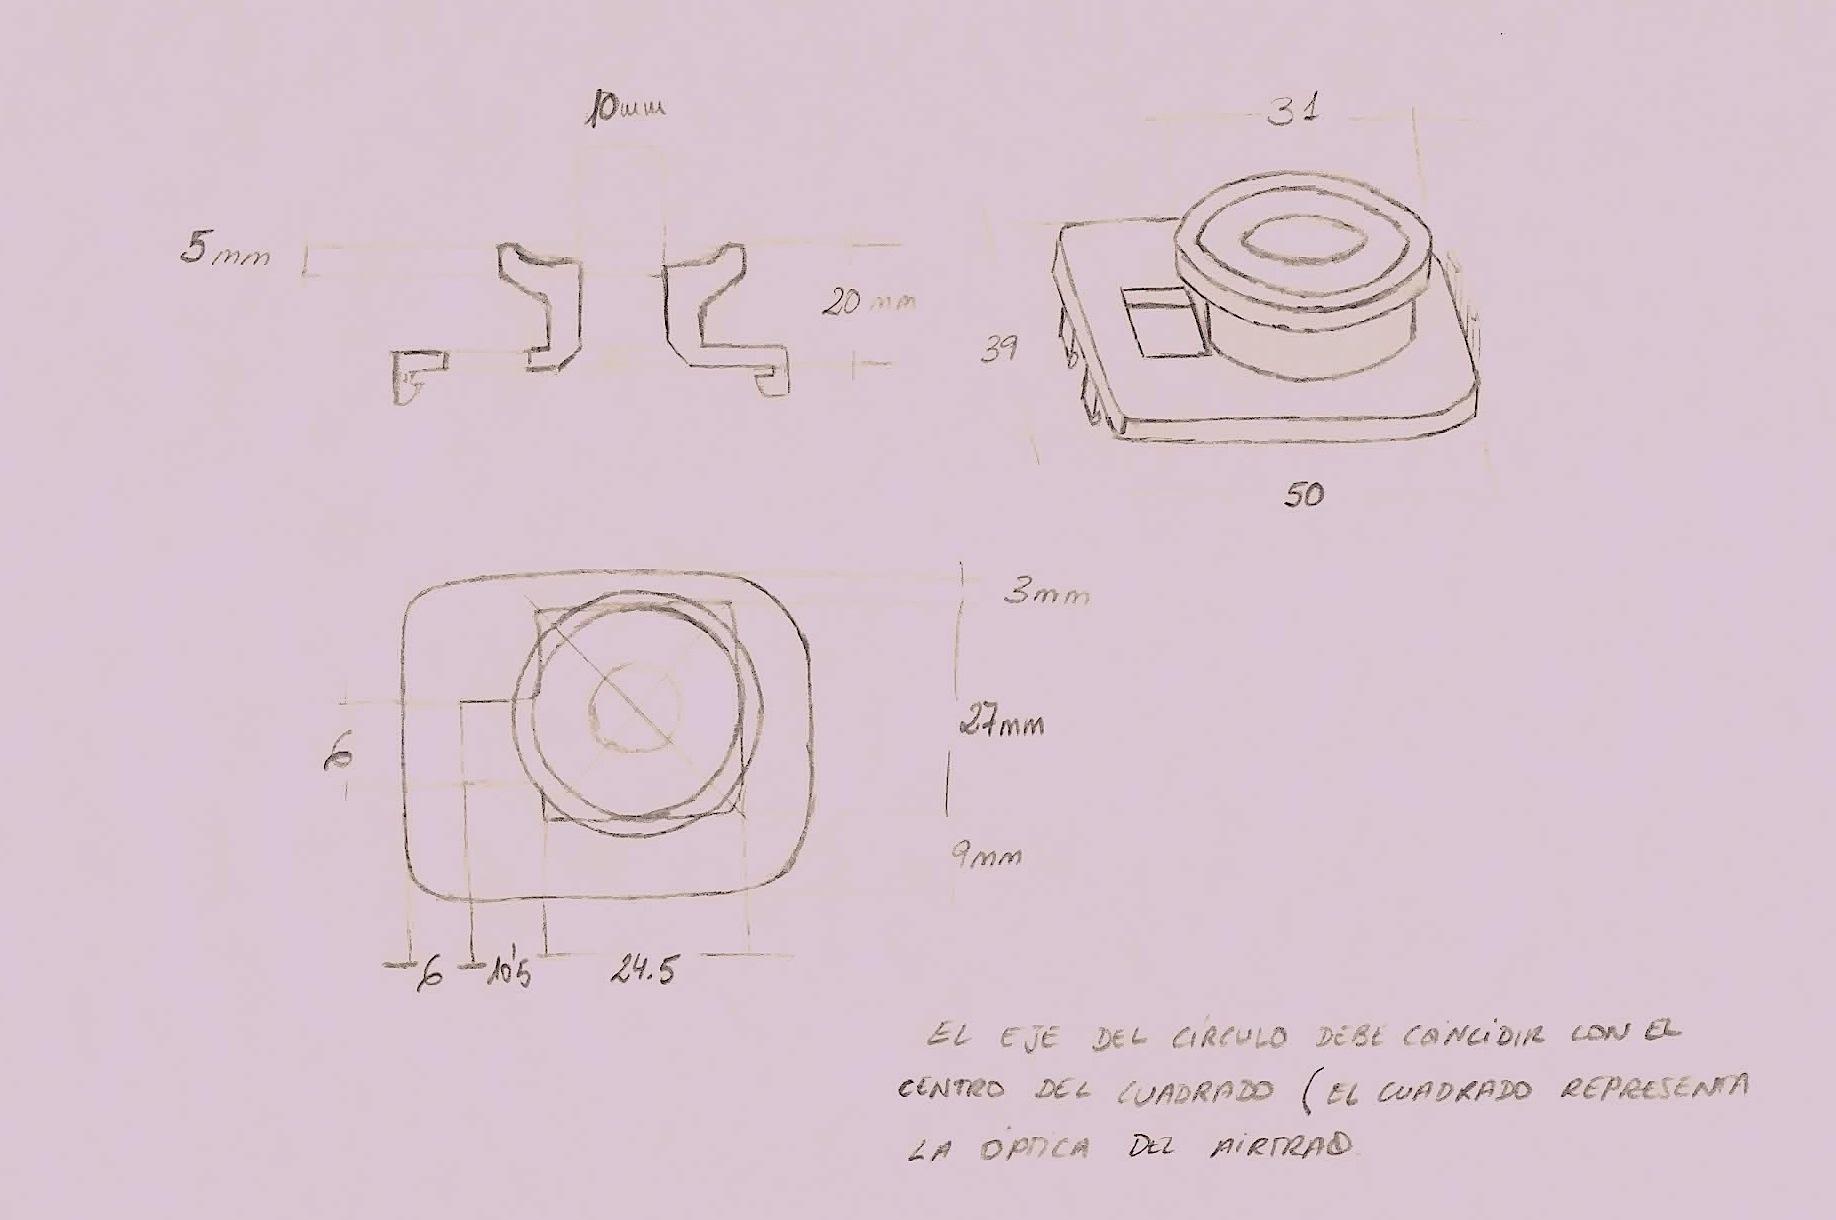 Figura 2.- adaptador de airtraq para cabezal de camara